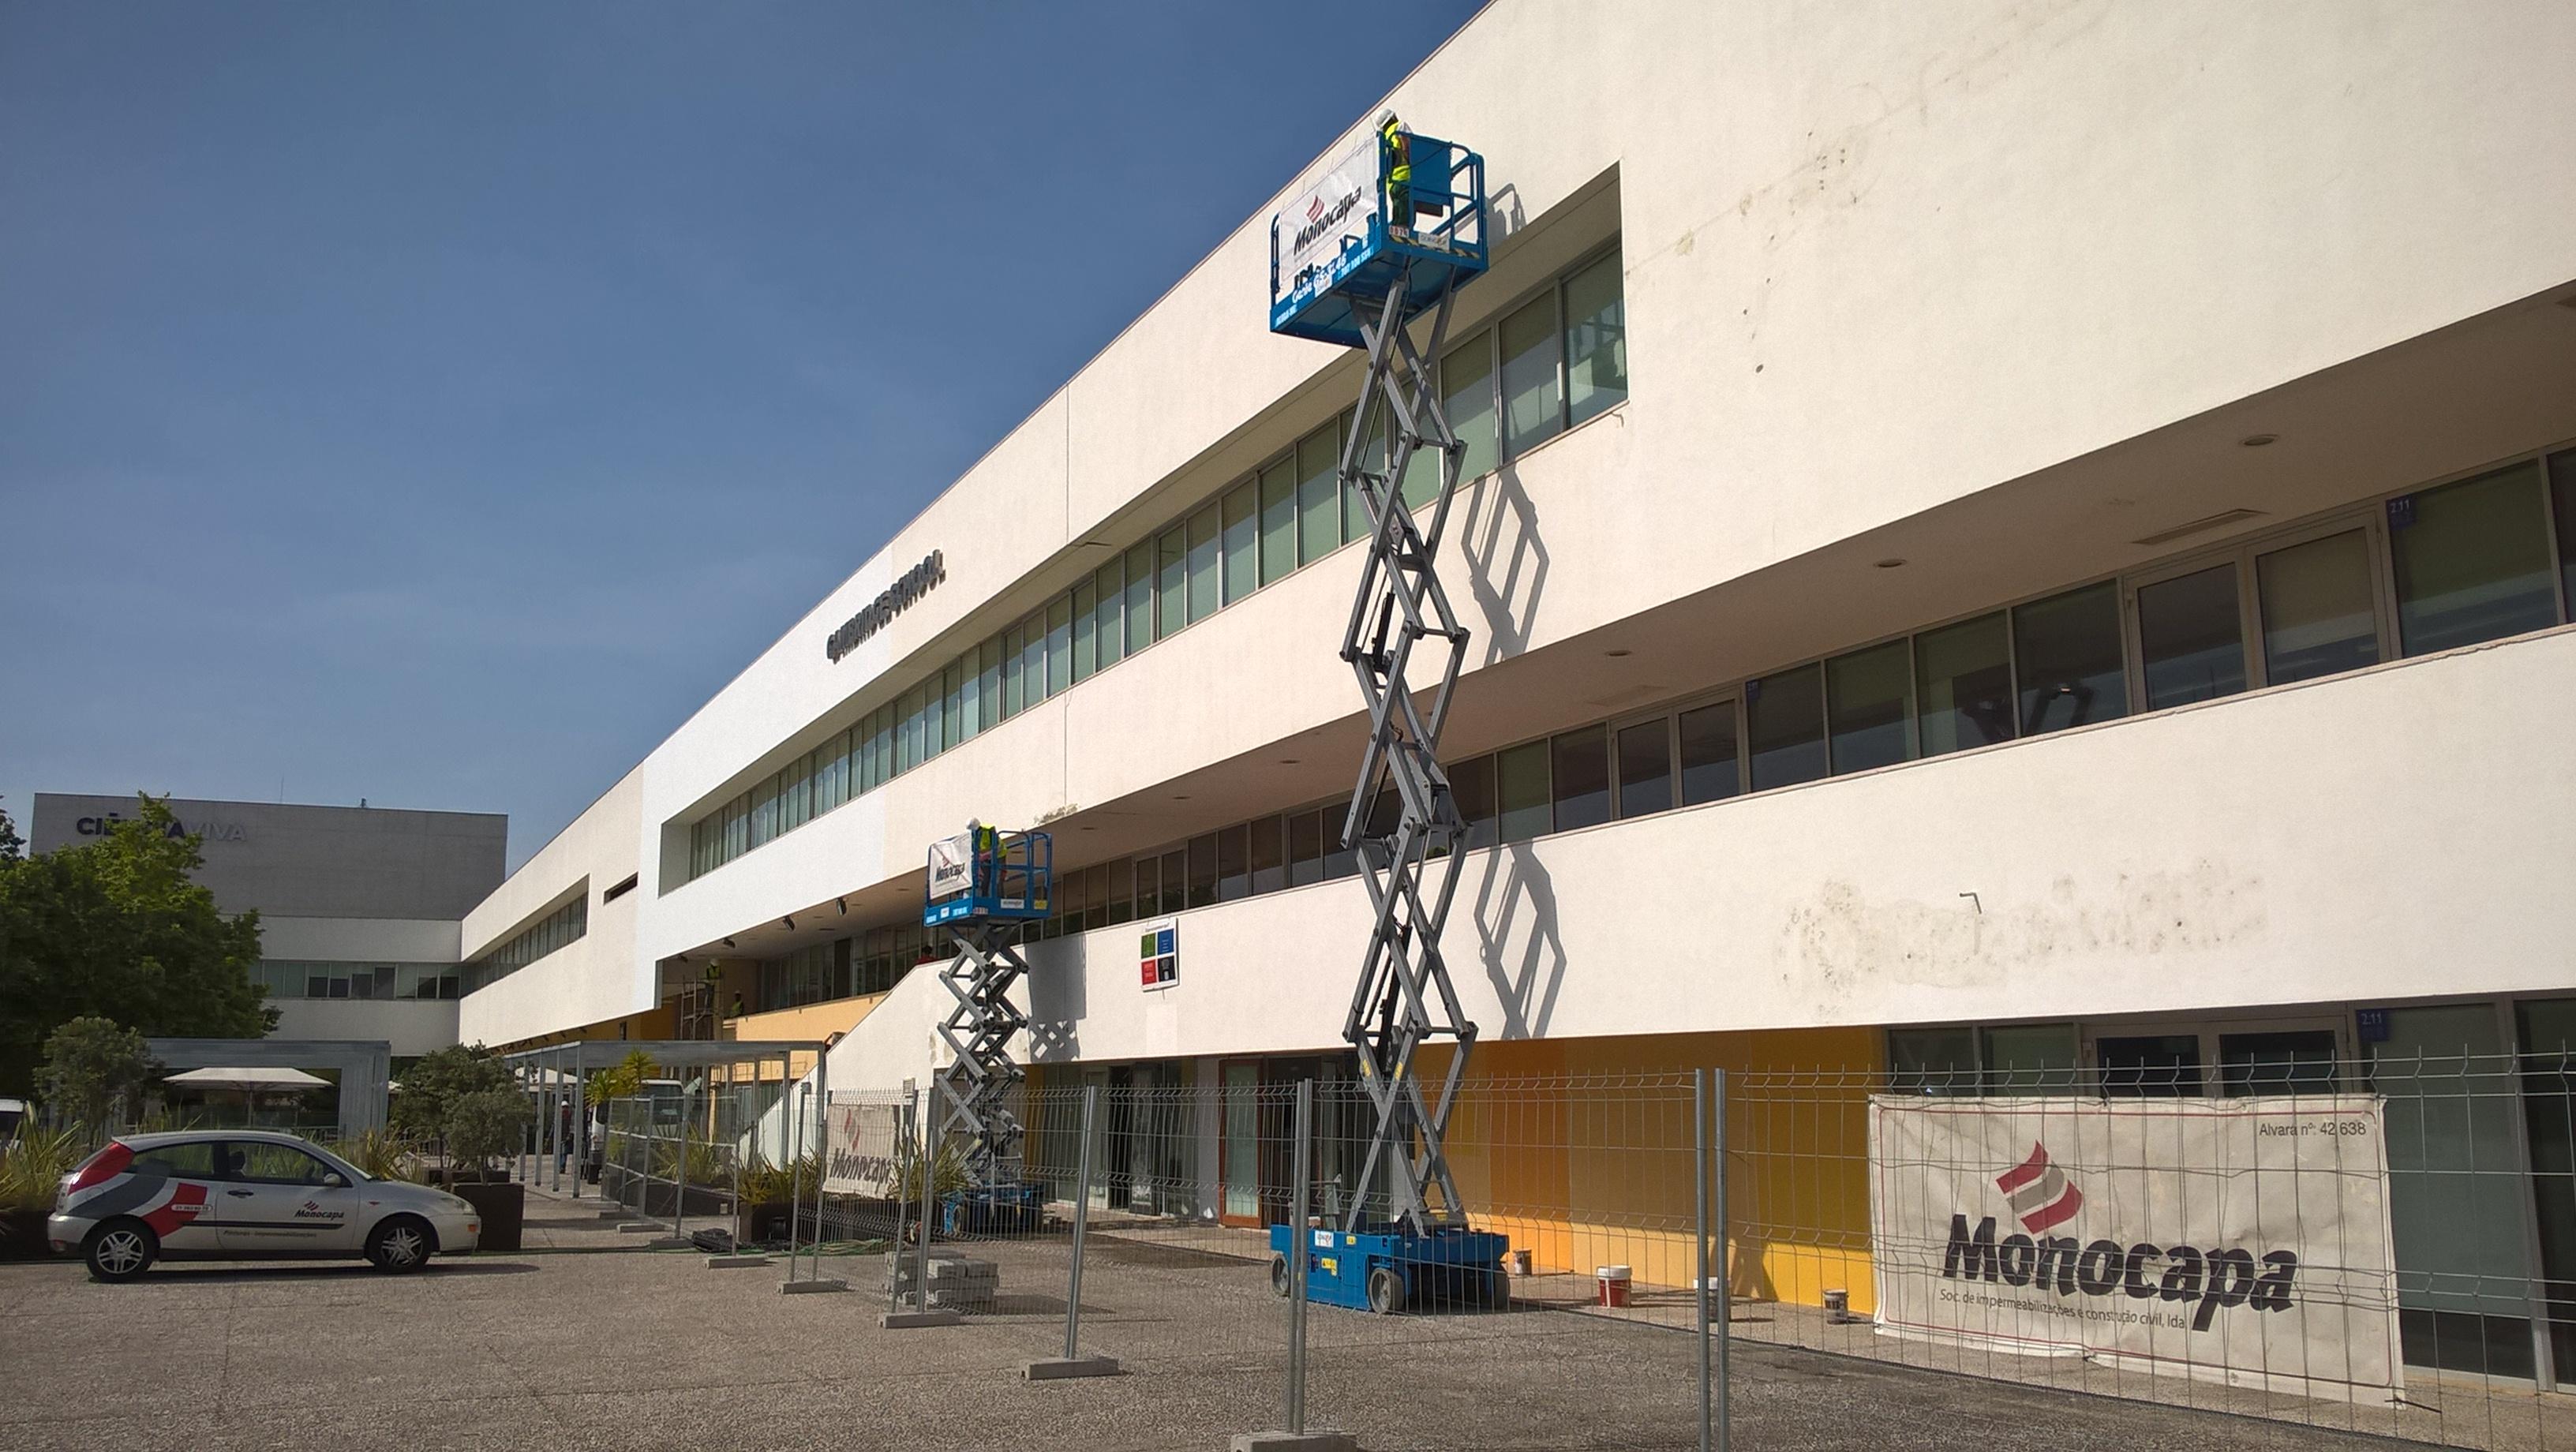 Reparação, impermeabilização e pintura de fachadas